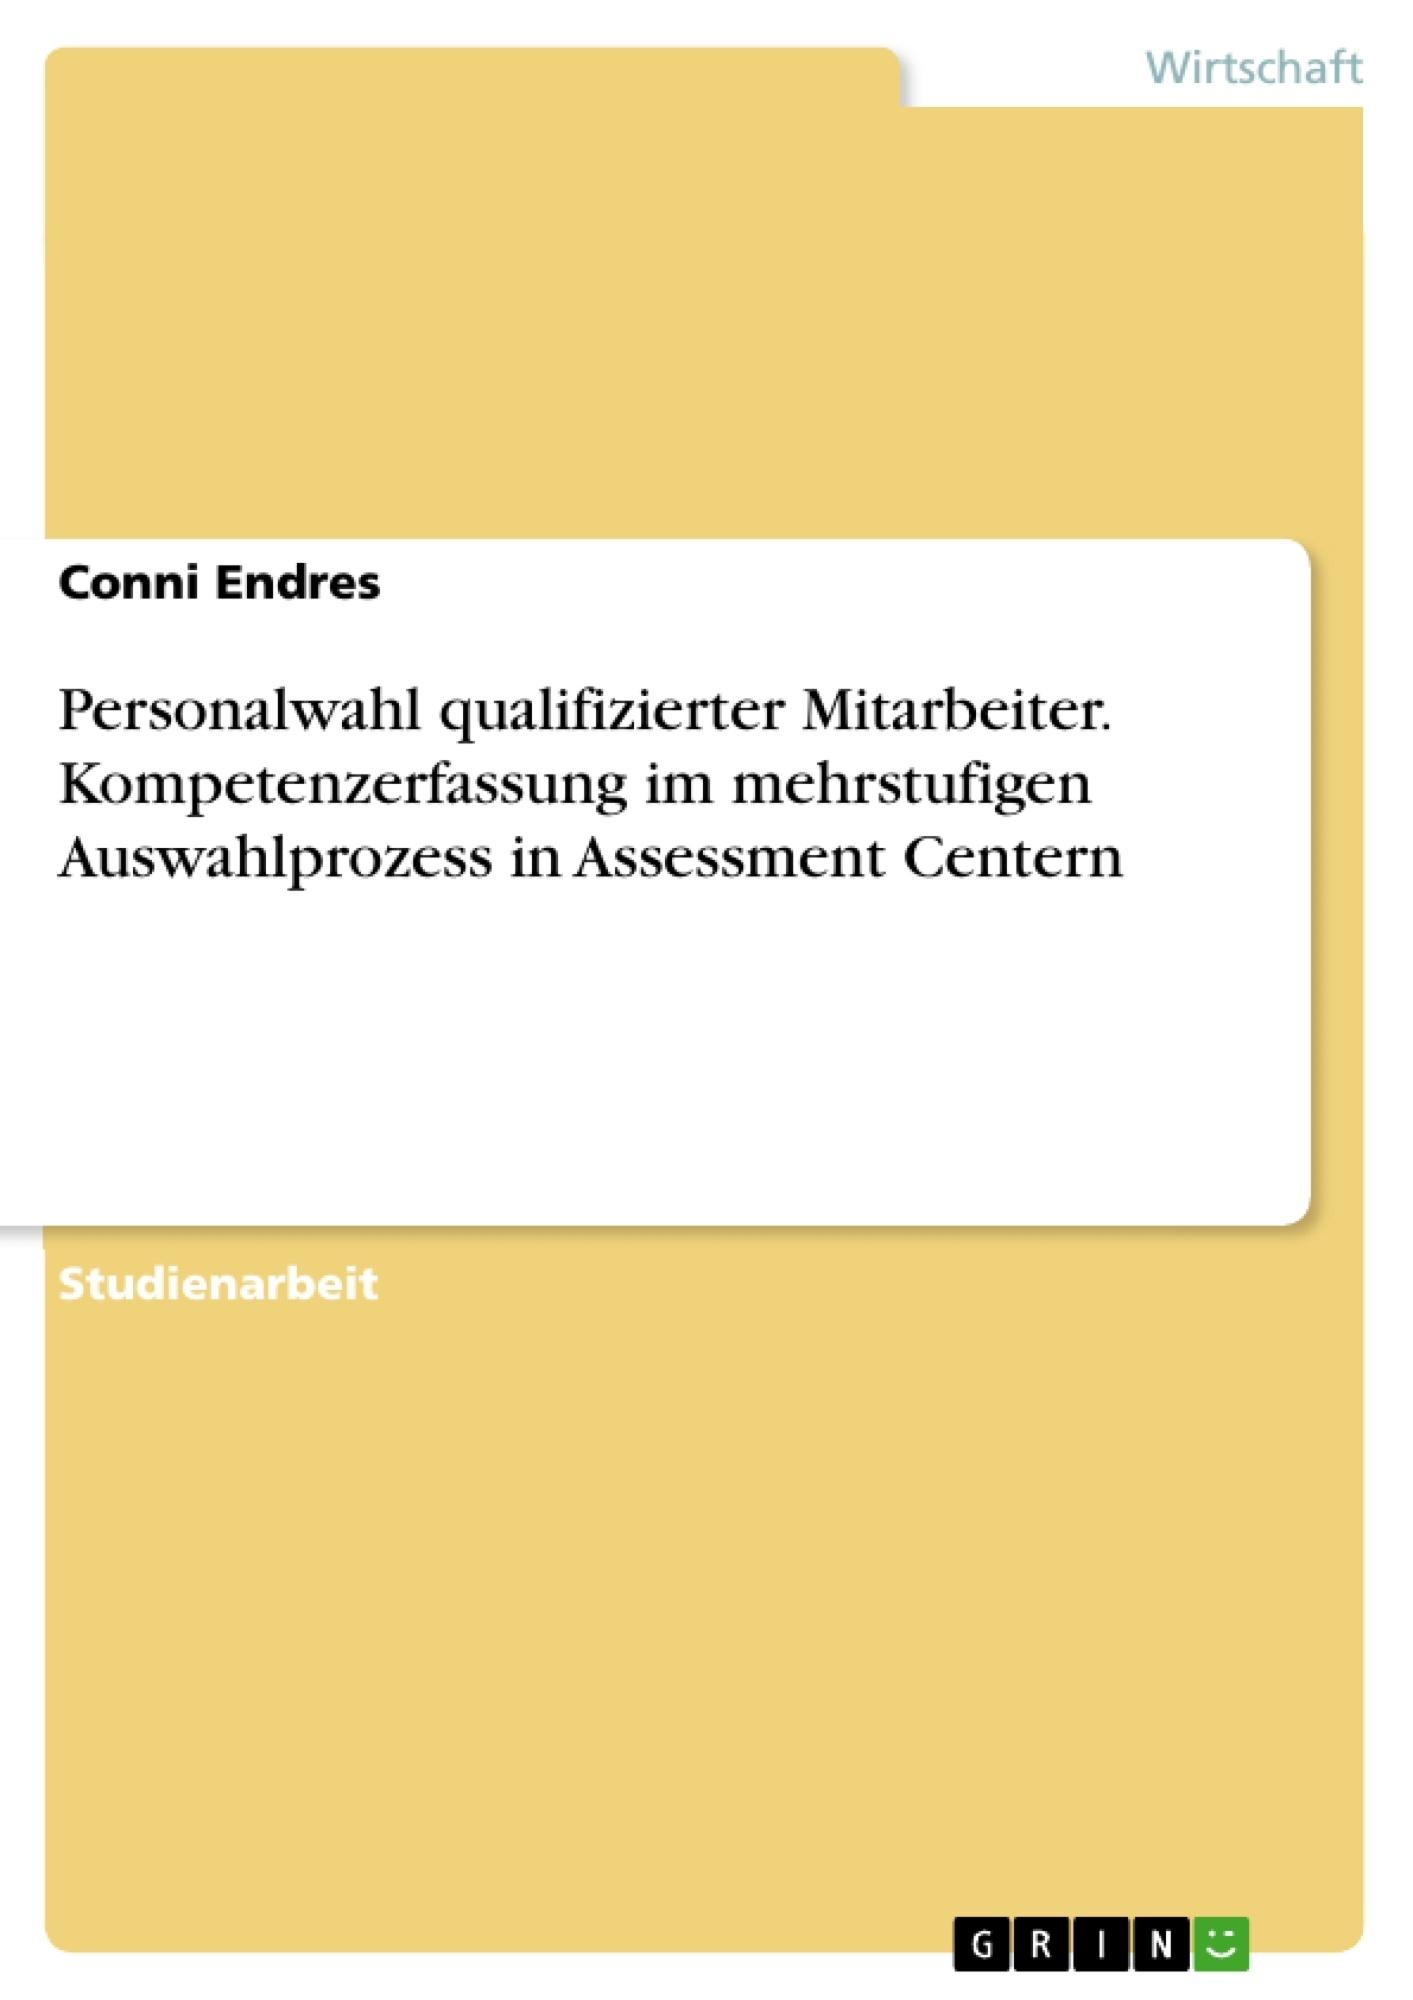 Titel: Personalwahl qualifizierter Mitarbeiter. Kompetenzerfassung im mehrstufigen Auswahlprozess in Assessment Centern